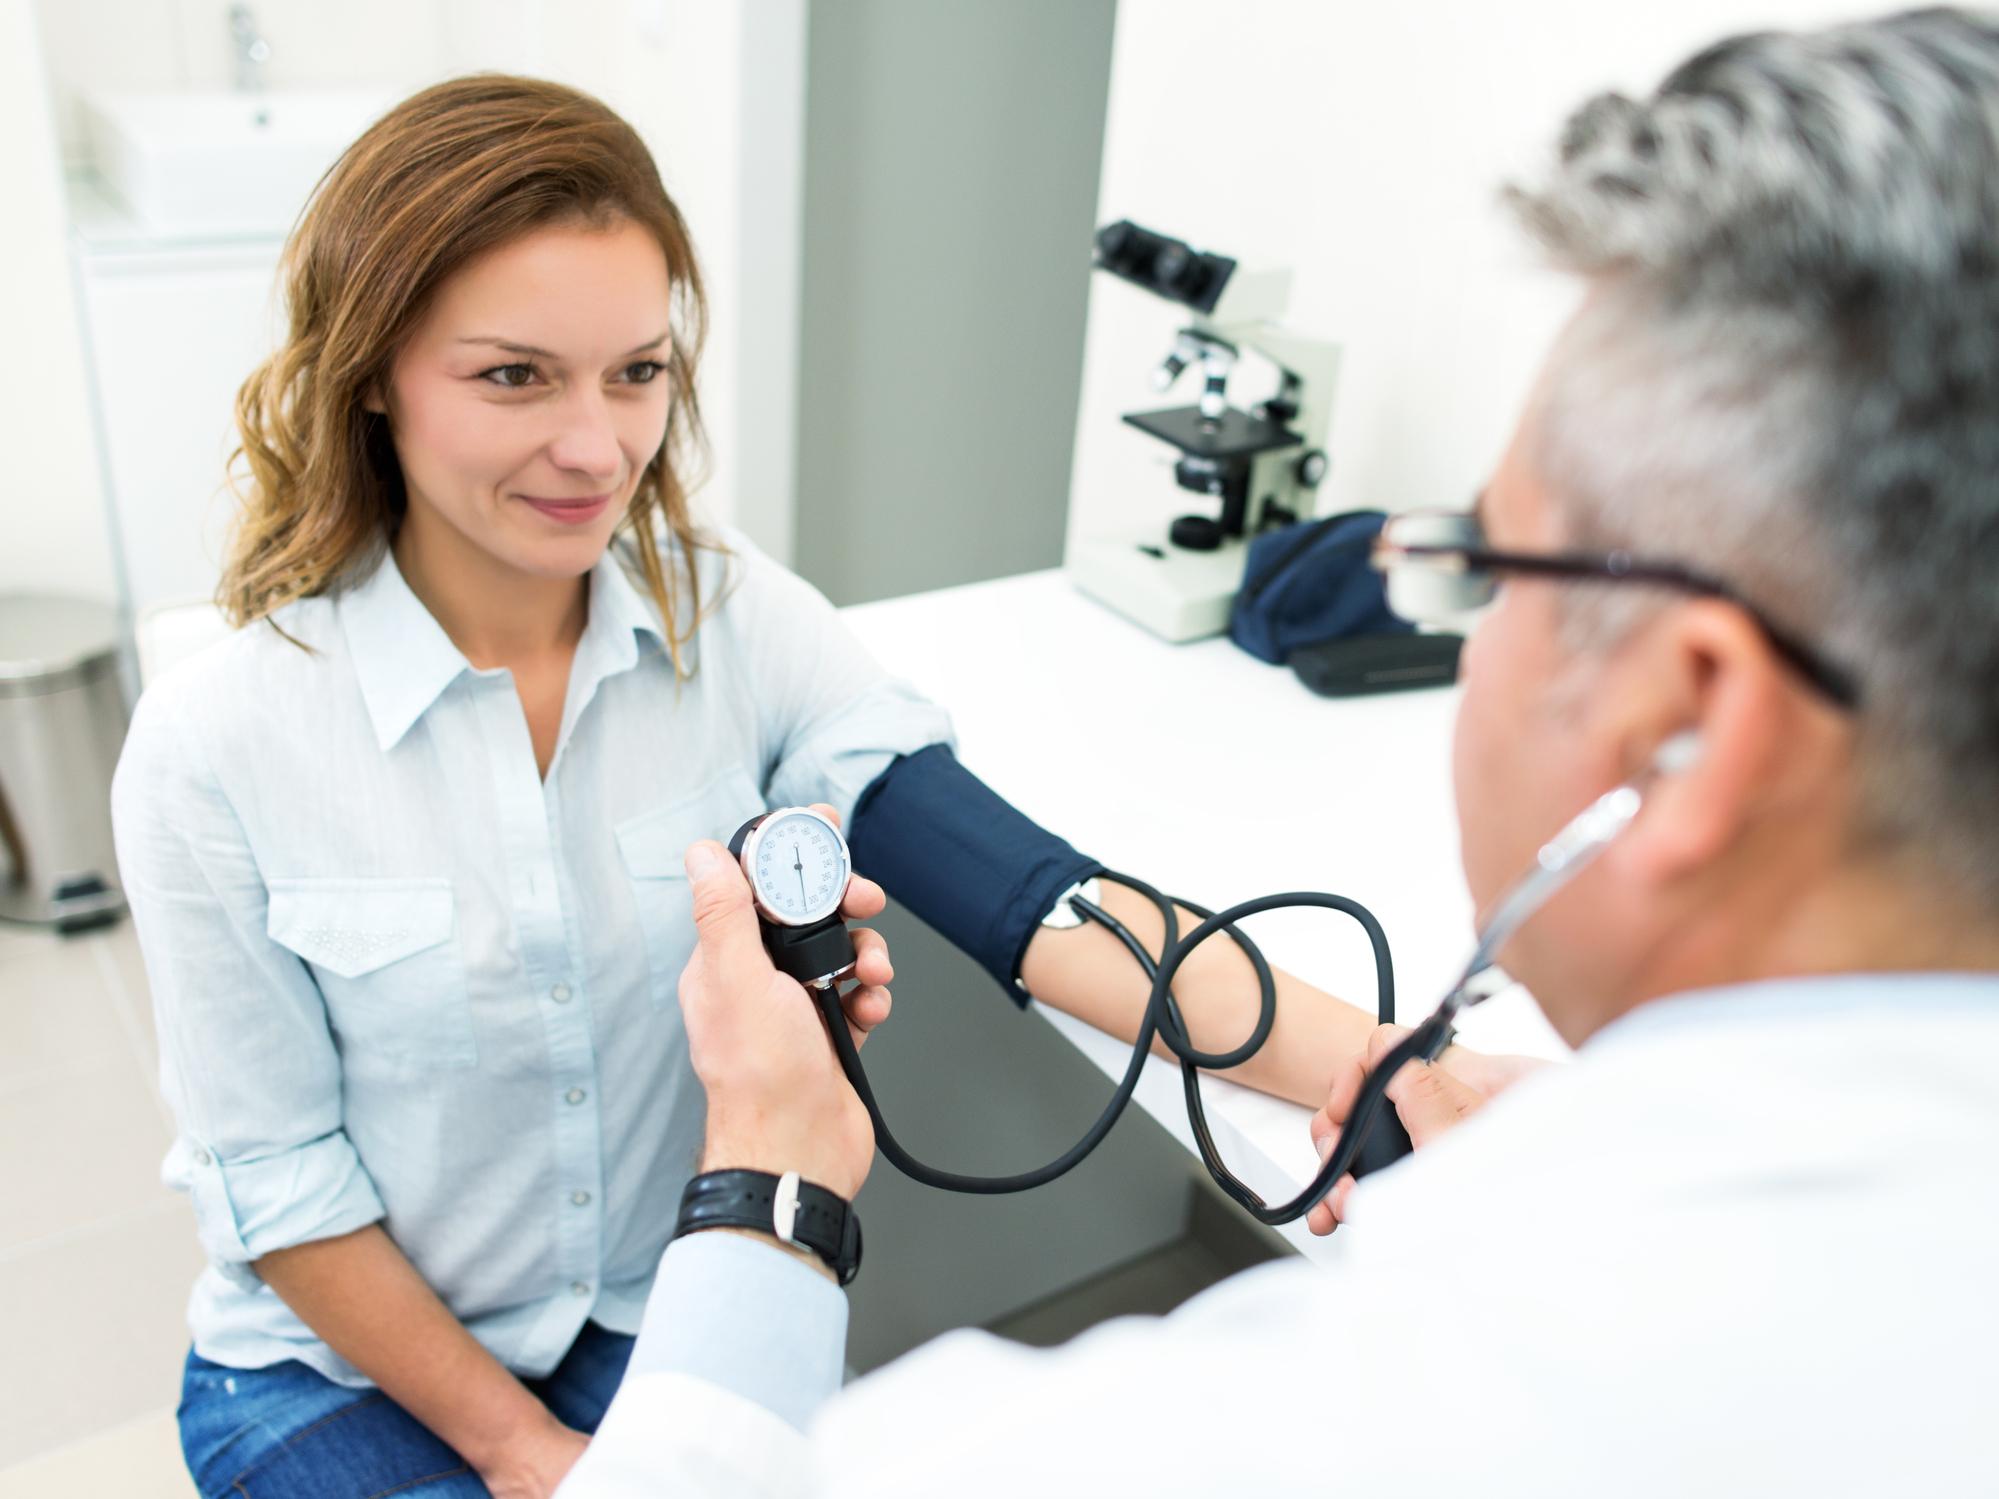 magas vérnyomás súlyos kezelés Május 9 a magas vérnyomás elleni küzdelem napja